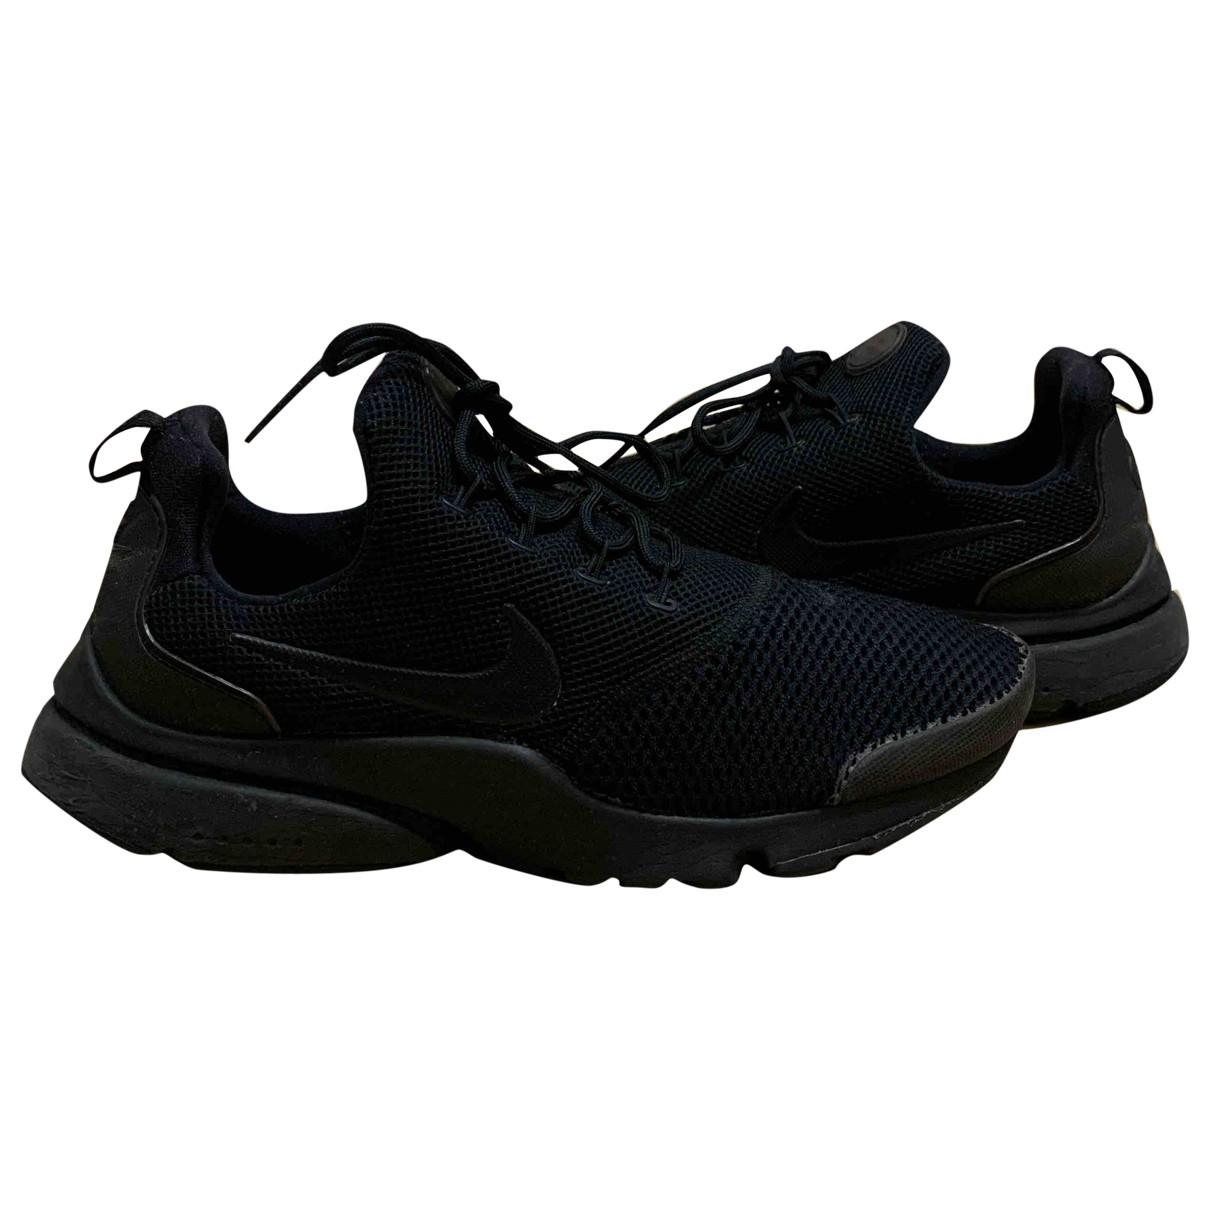 Nike - Baskets Air Presto pour femme en toile - noir